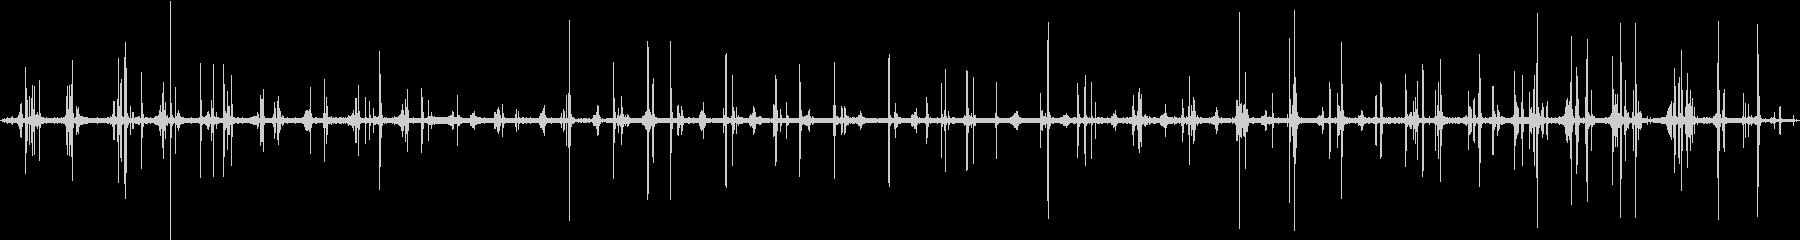 【生録音】雪の上を歩く音の未再生の波形